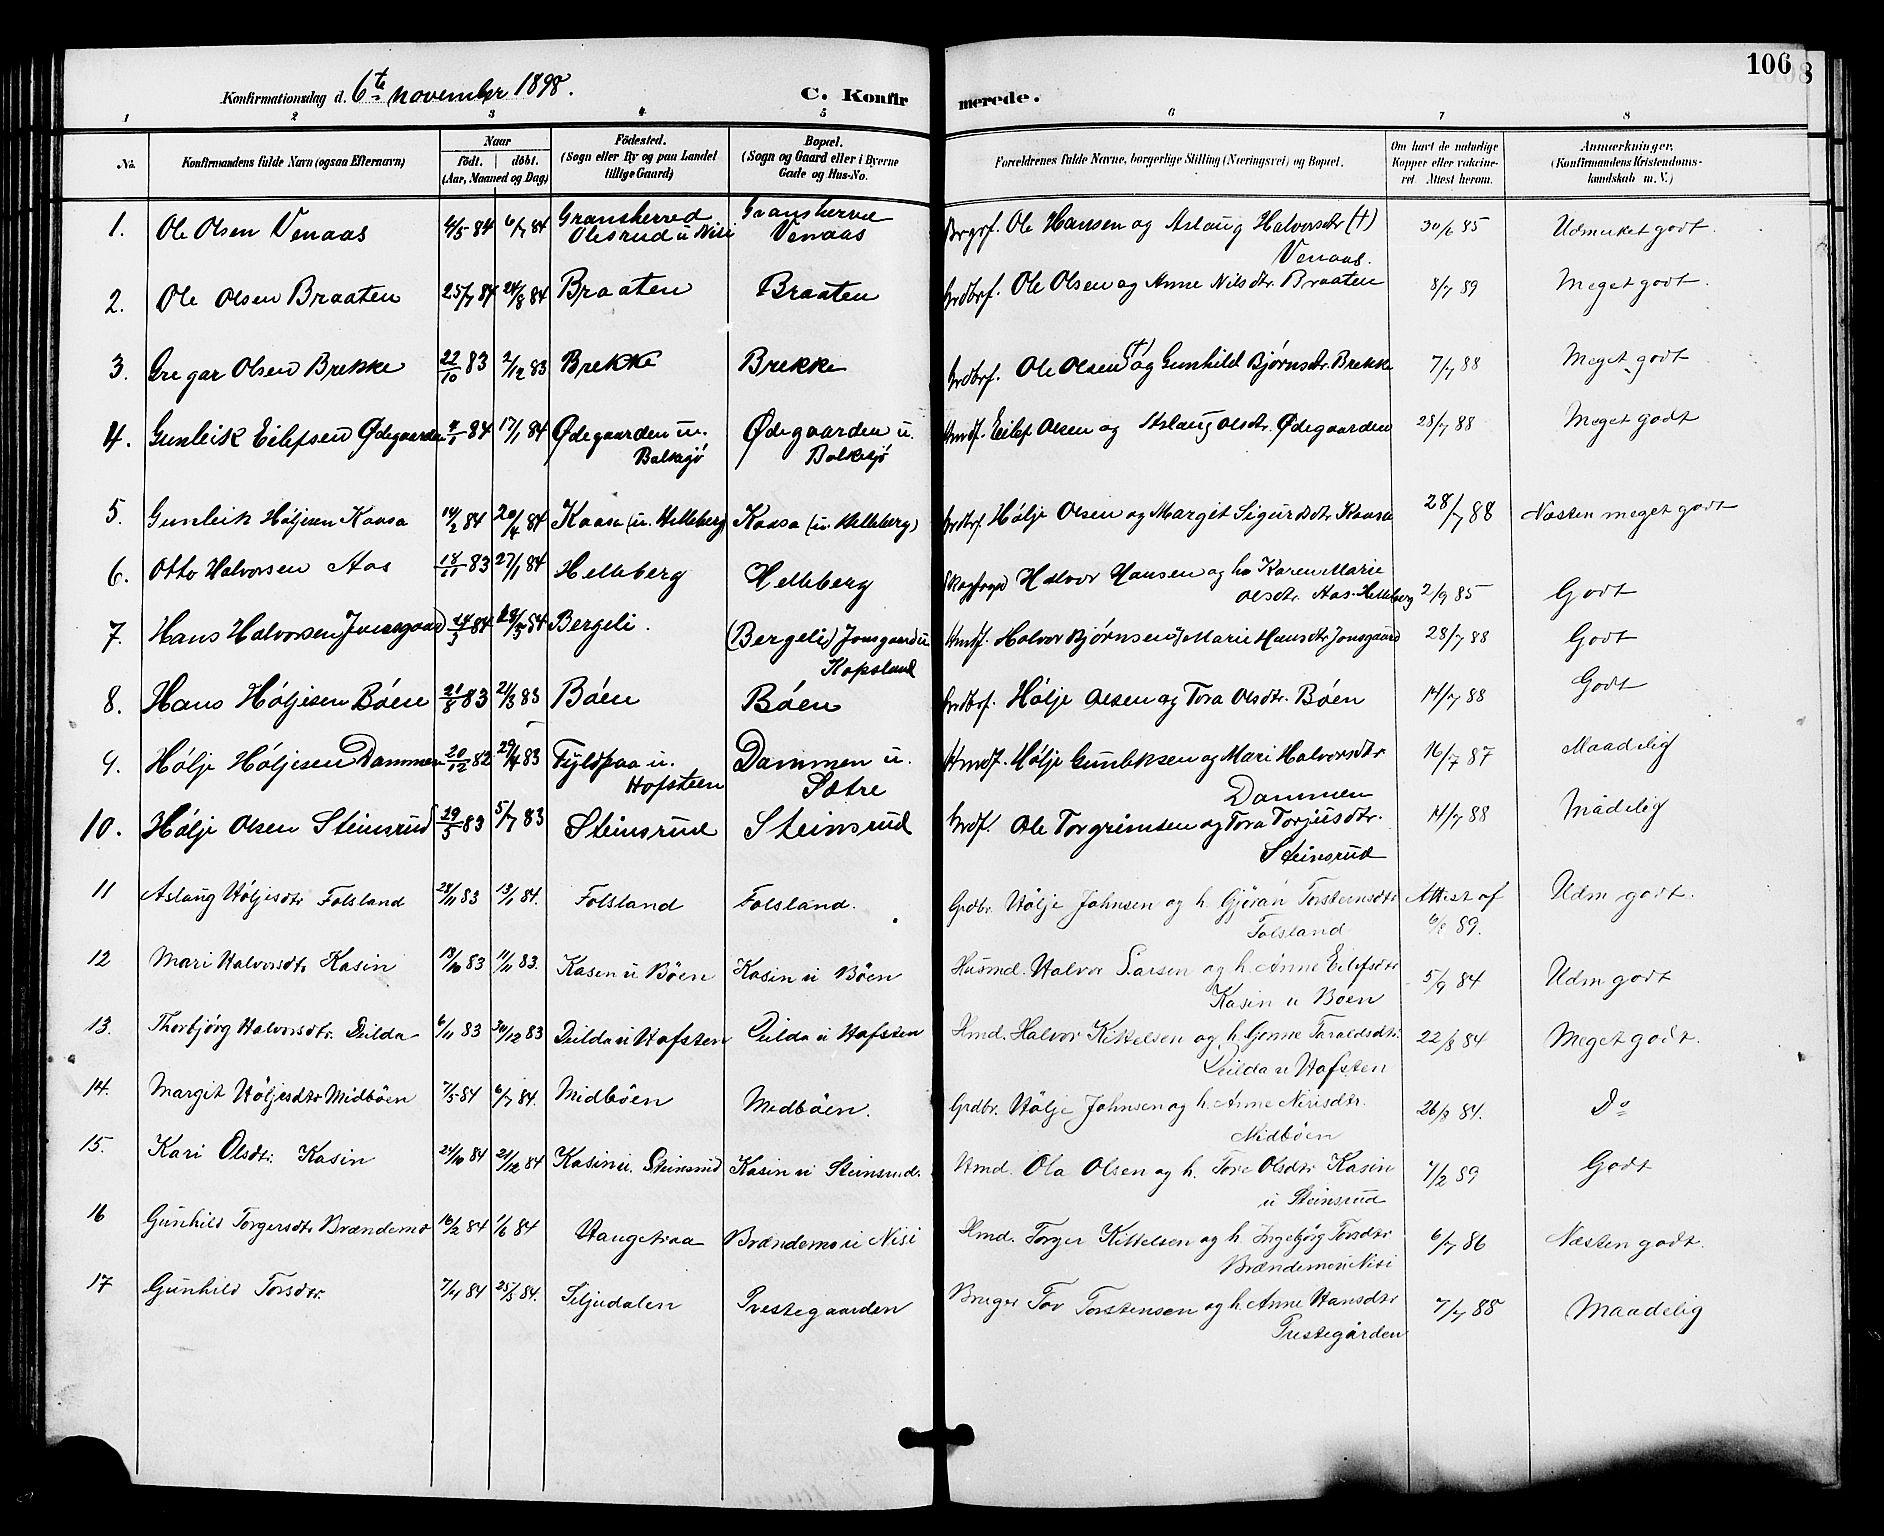 SAKO, Gransherad kirkebøker, G/Ga/L0003: Klokkerbok nr. I 3, 1887-1915, s. 106